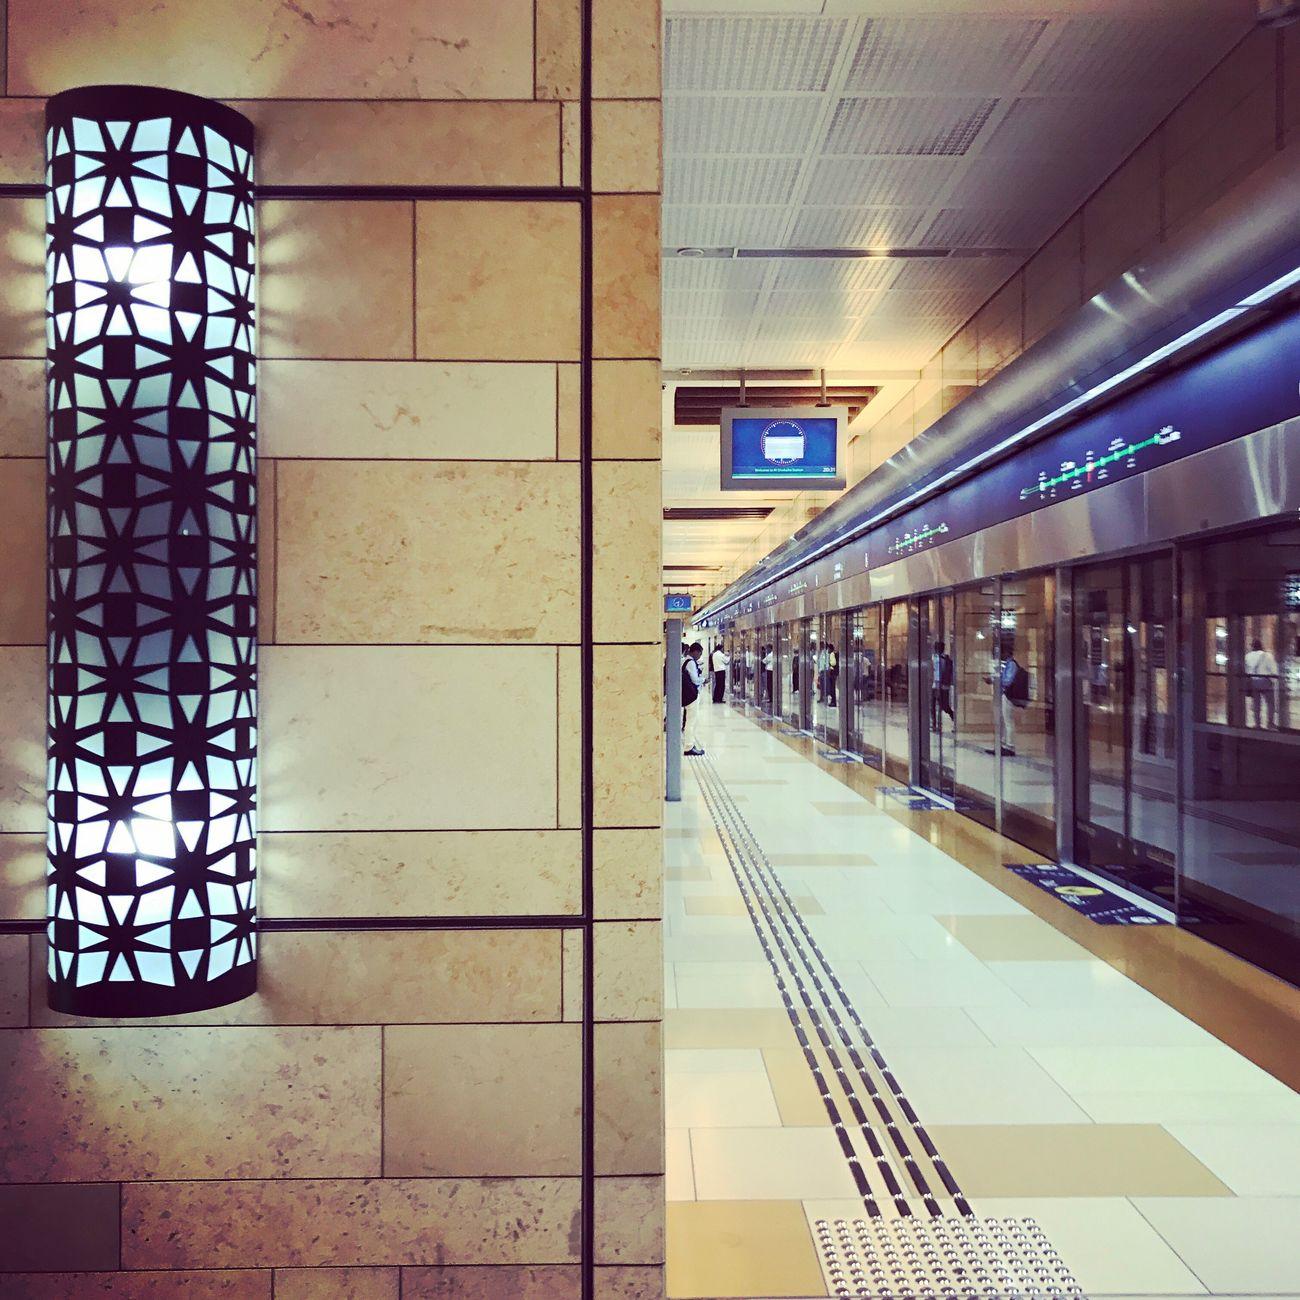 Transportation Indoors  Illuminated Metro Ghubaiba Dubai Architecture The Architect - 2017 EyeEm Awards EyeEmNewHere